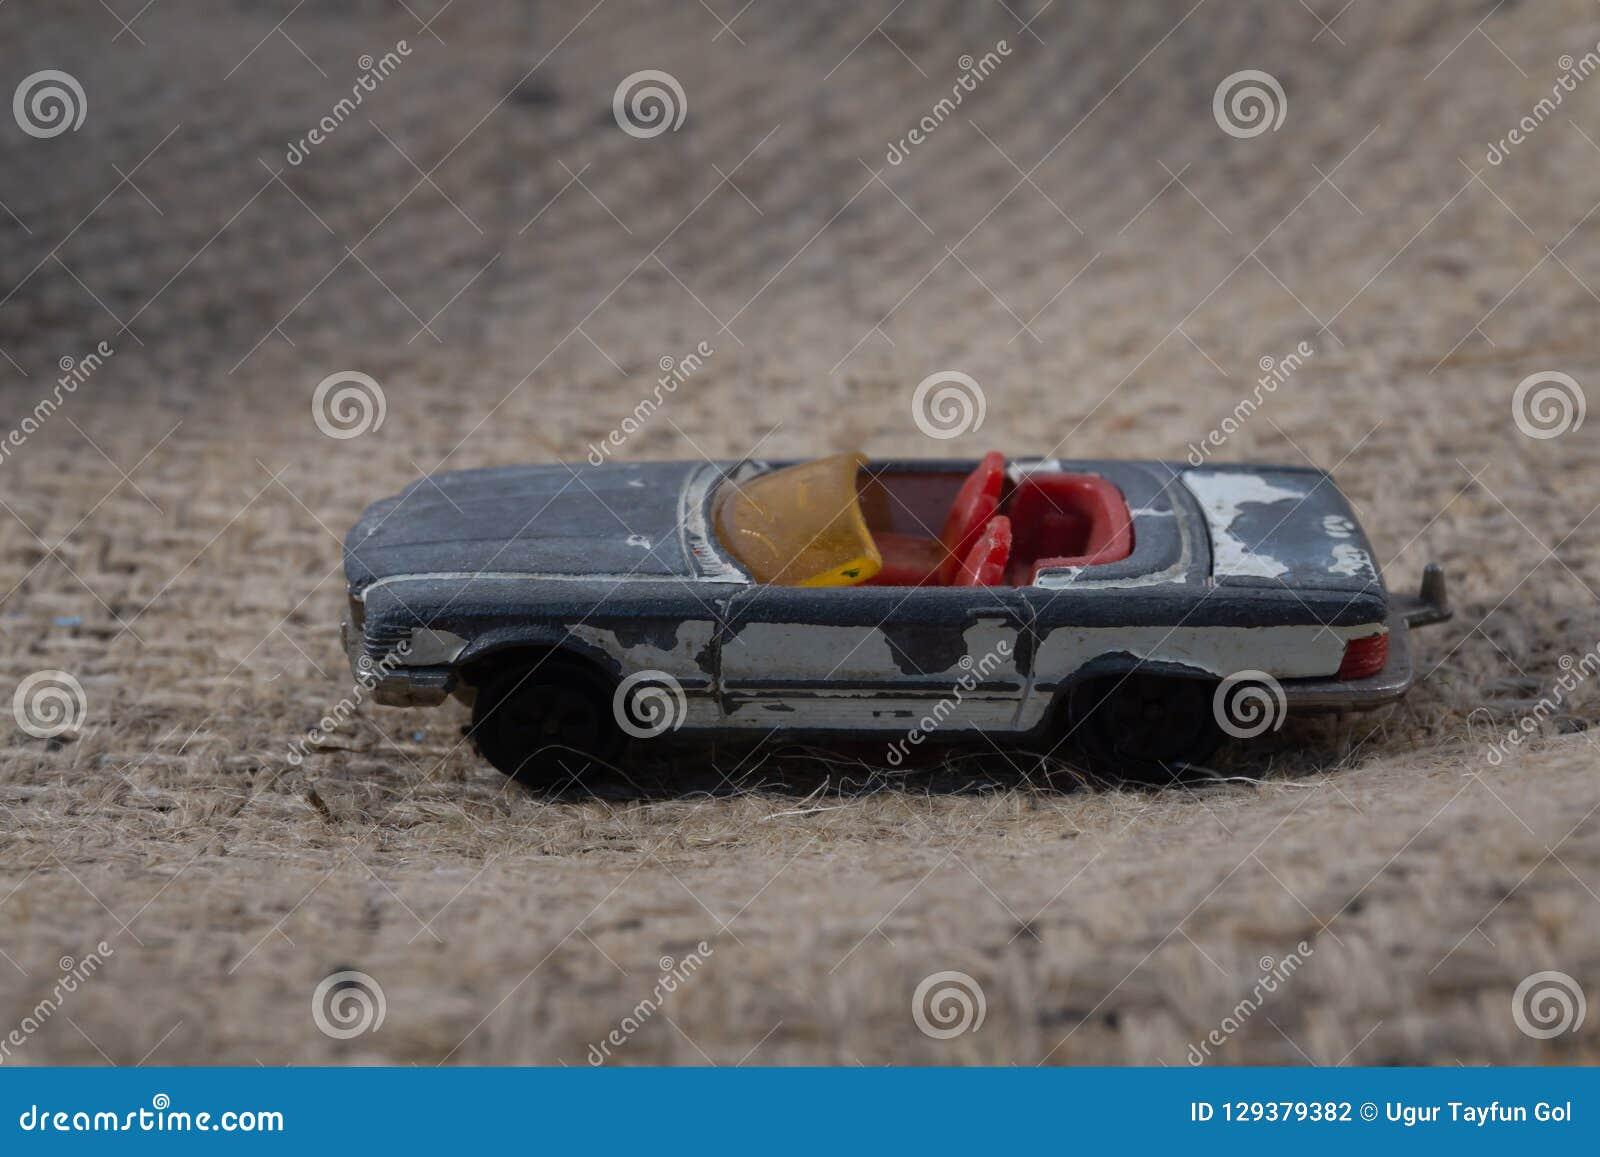 Een Toy From Childhood Broken Old-Metaalauto